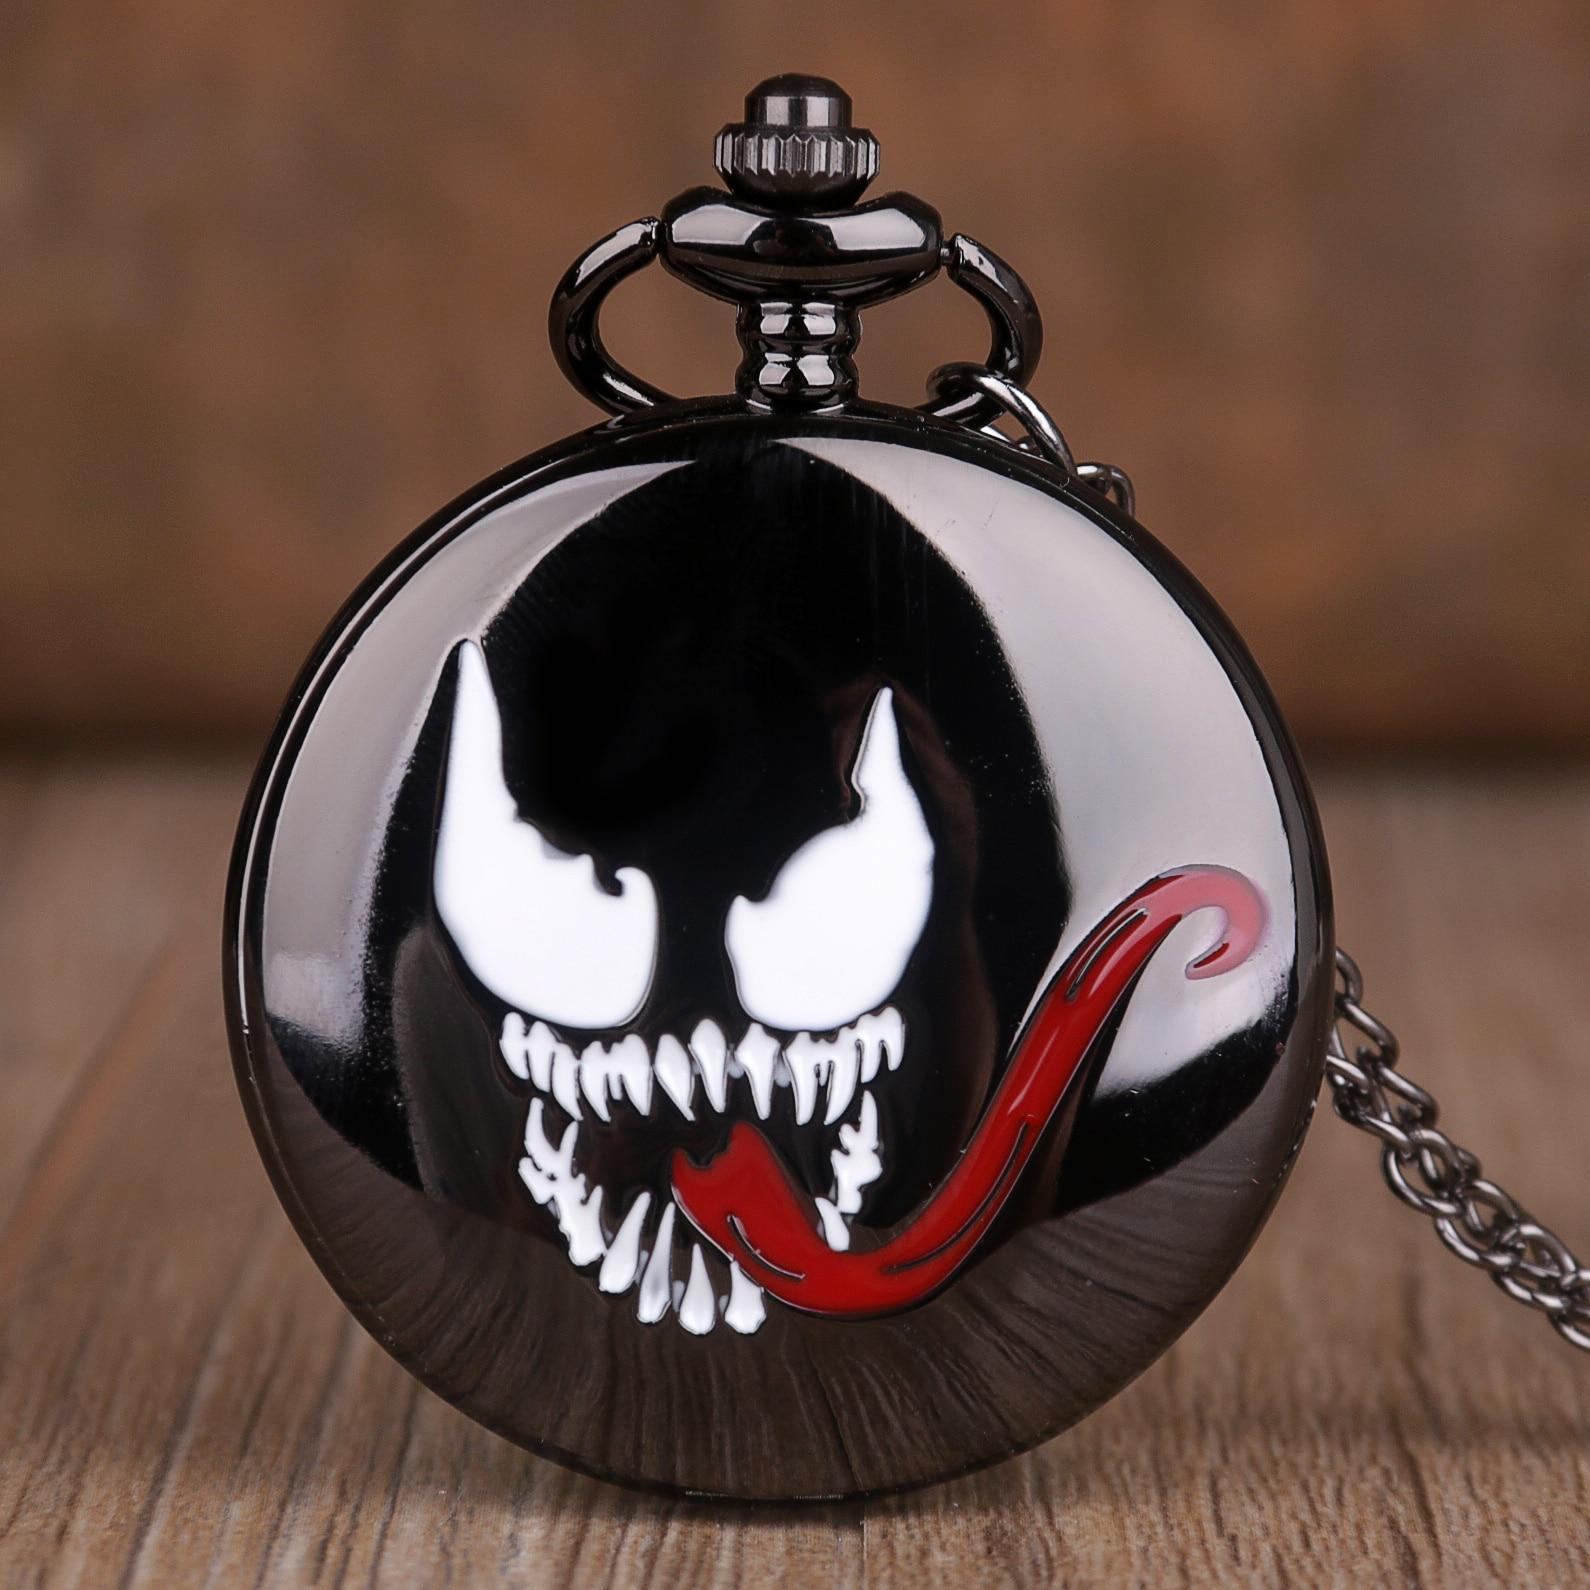 Evil Spirit Long Tongue Design Pendant Pocket Watch Black Steampunk Necklace Quartz Pocket Watches Souvenir Gifts For Men Women